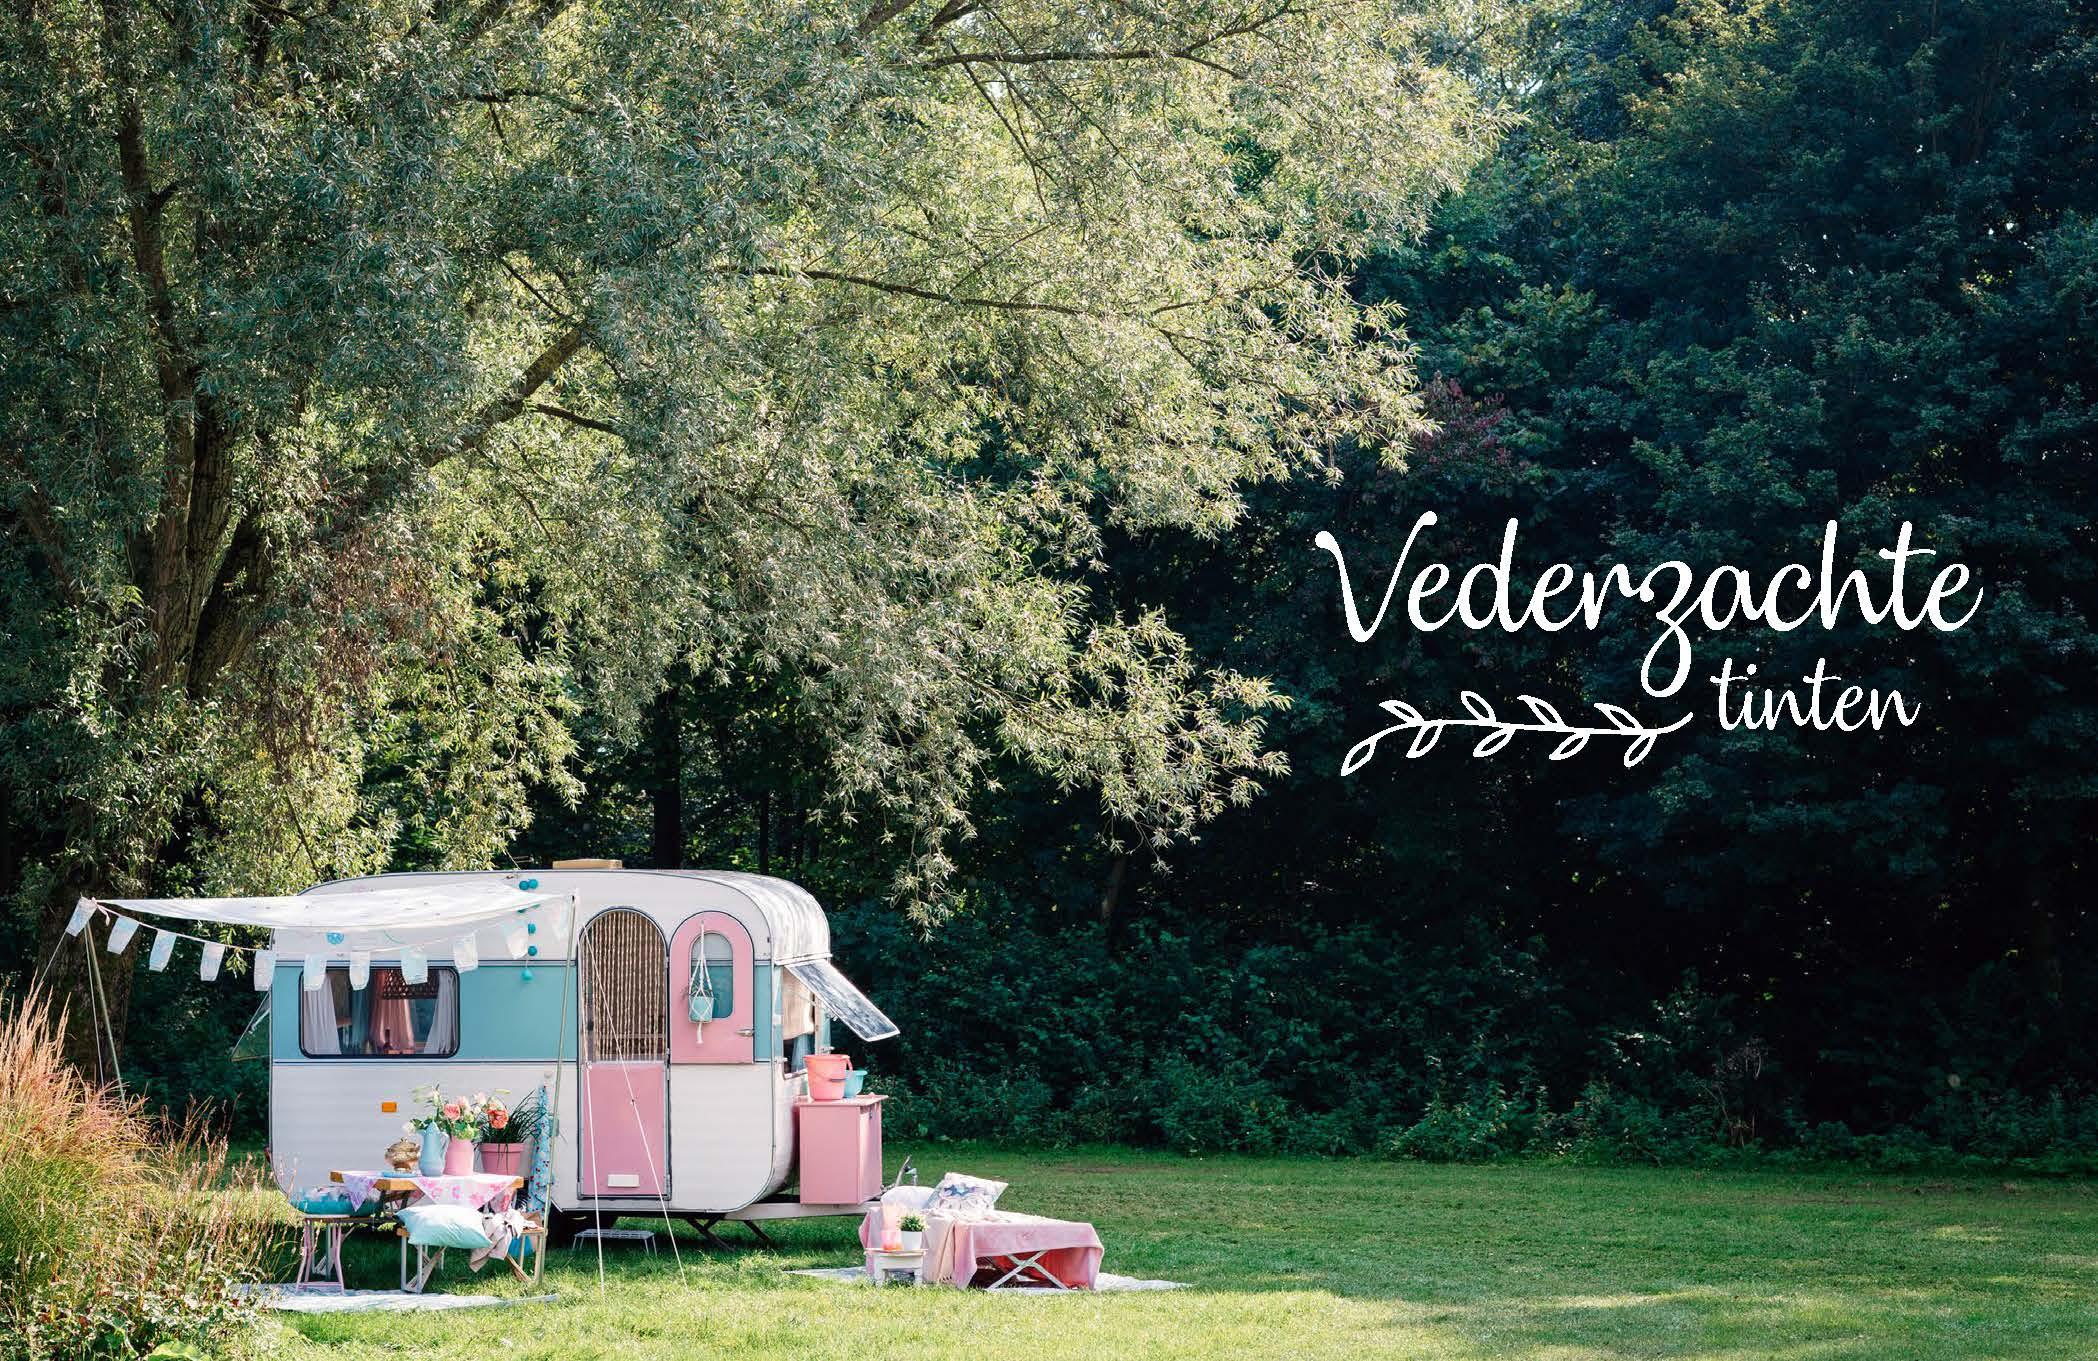 Een roze, blauw, witte caravan in het groen.